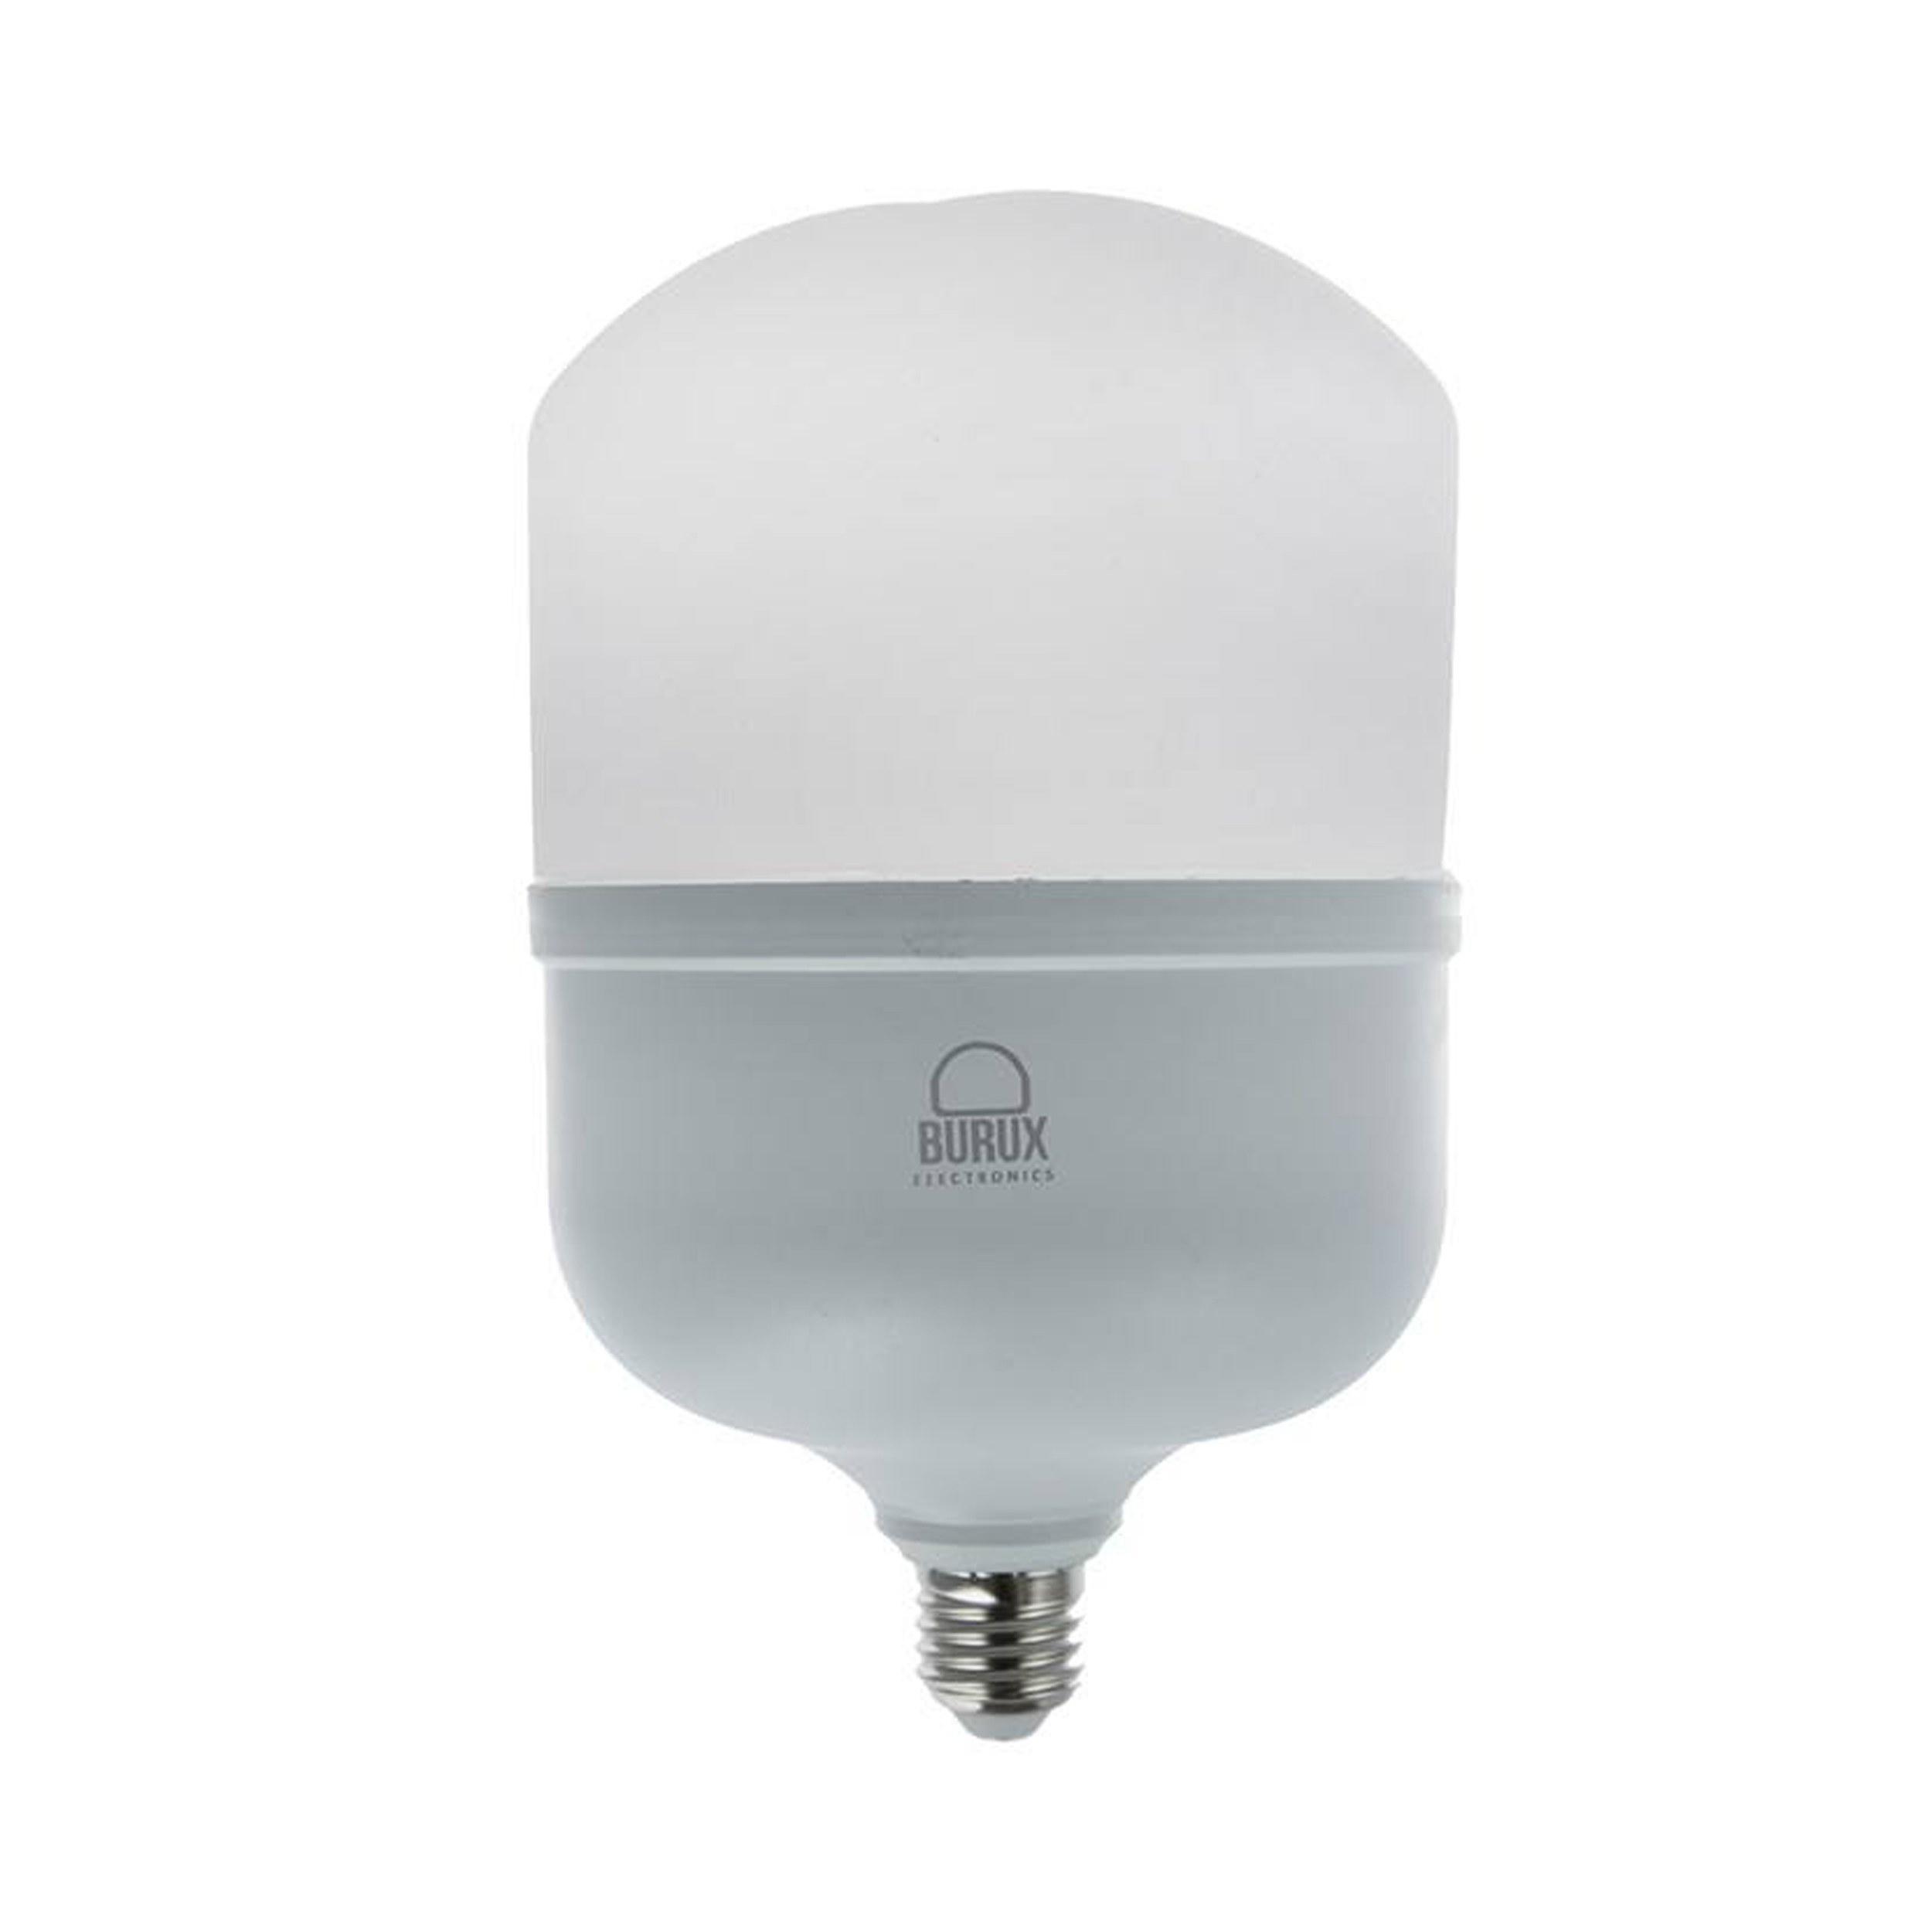 تصویر لامپ ال ای دی 50 وات بروکس مدل T140 پایه E27